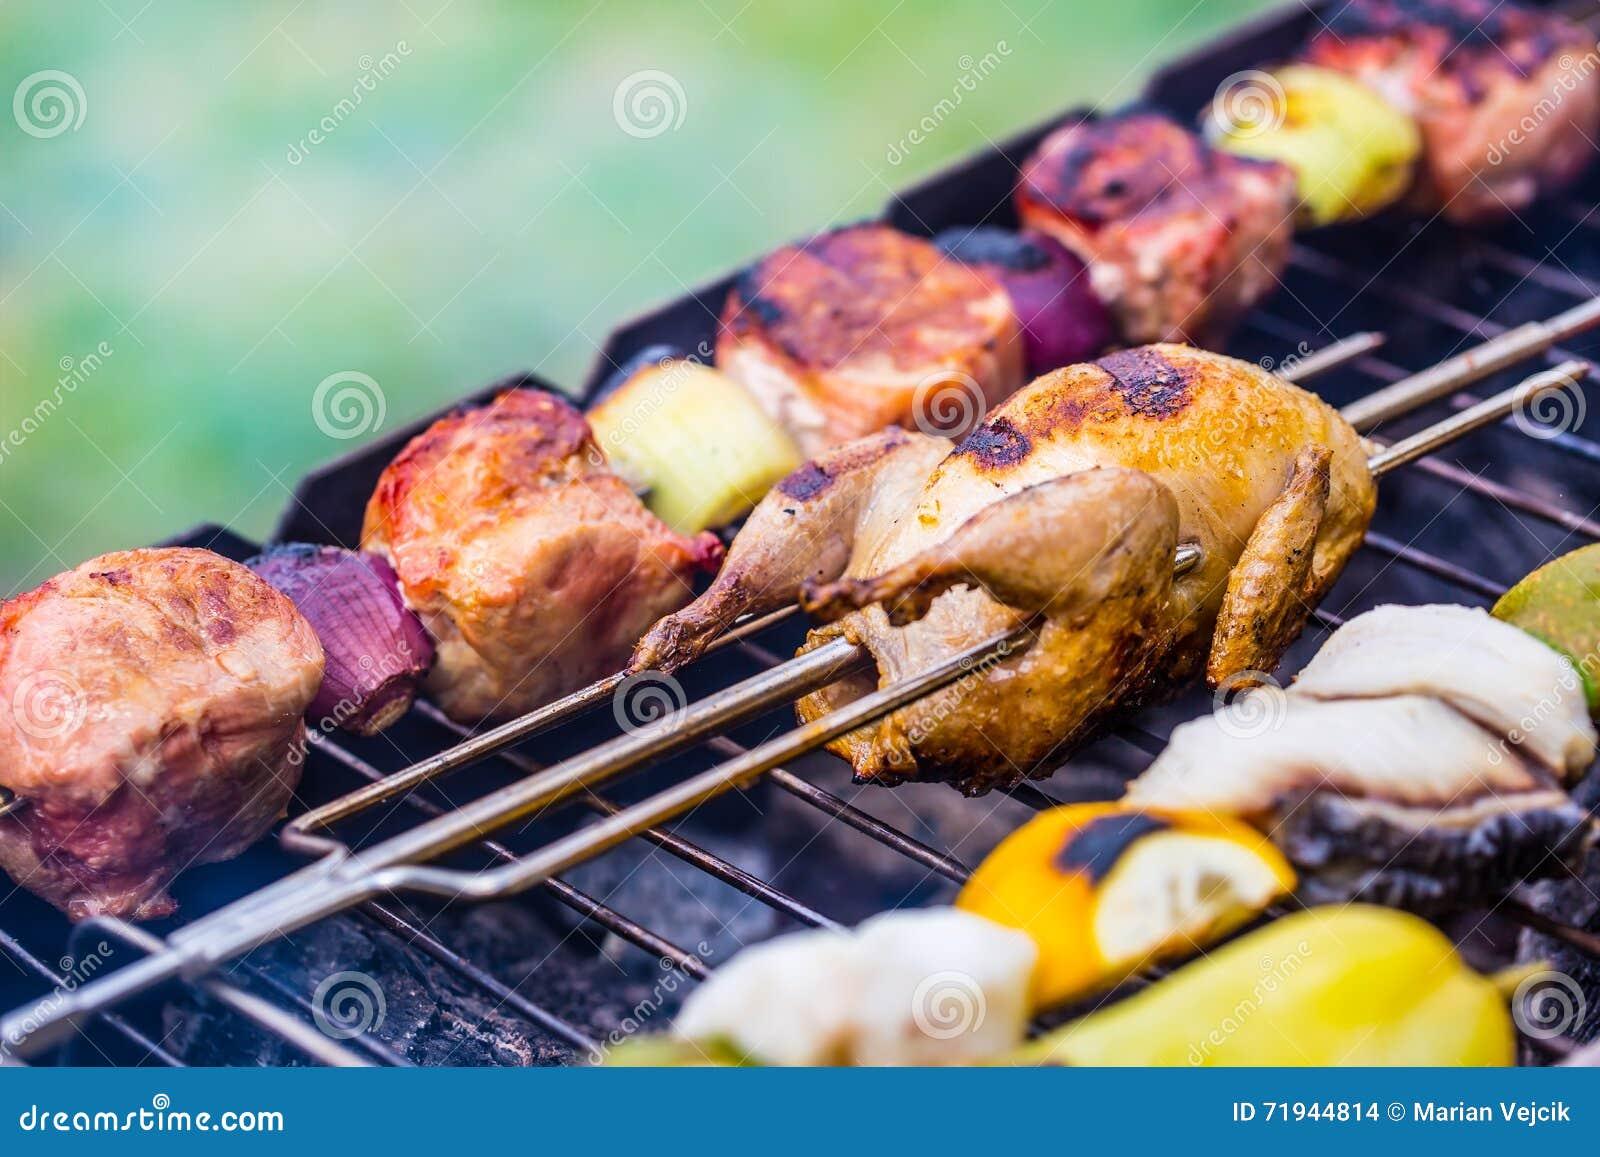 решетка Триперстки на гриле зажаренное мясо fries маринует свинину Бургеры гриля Овощи гриля Протыкальник гриля